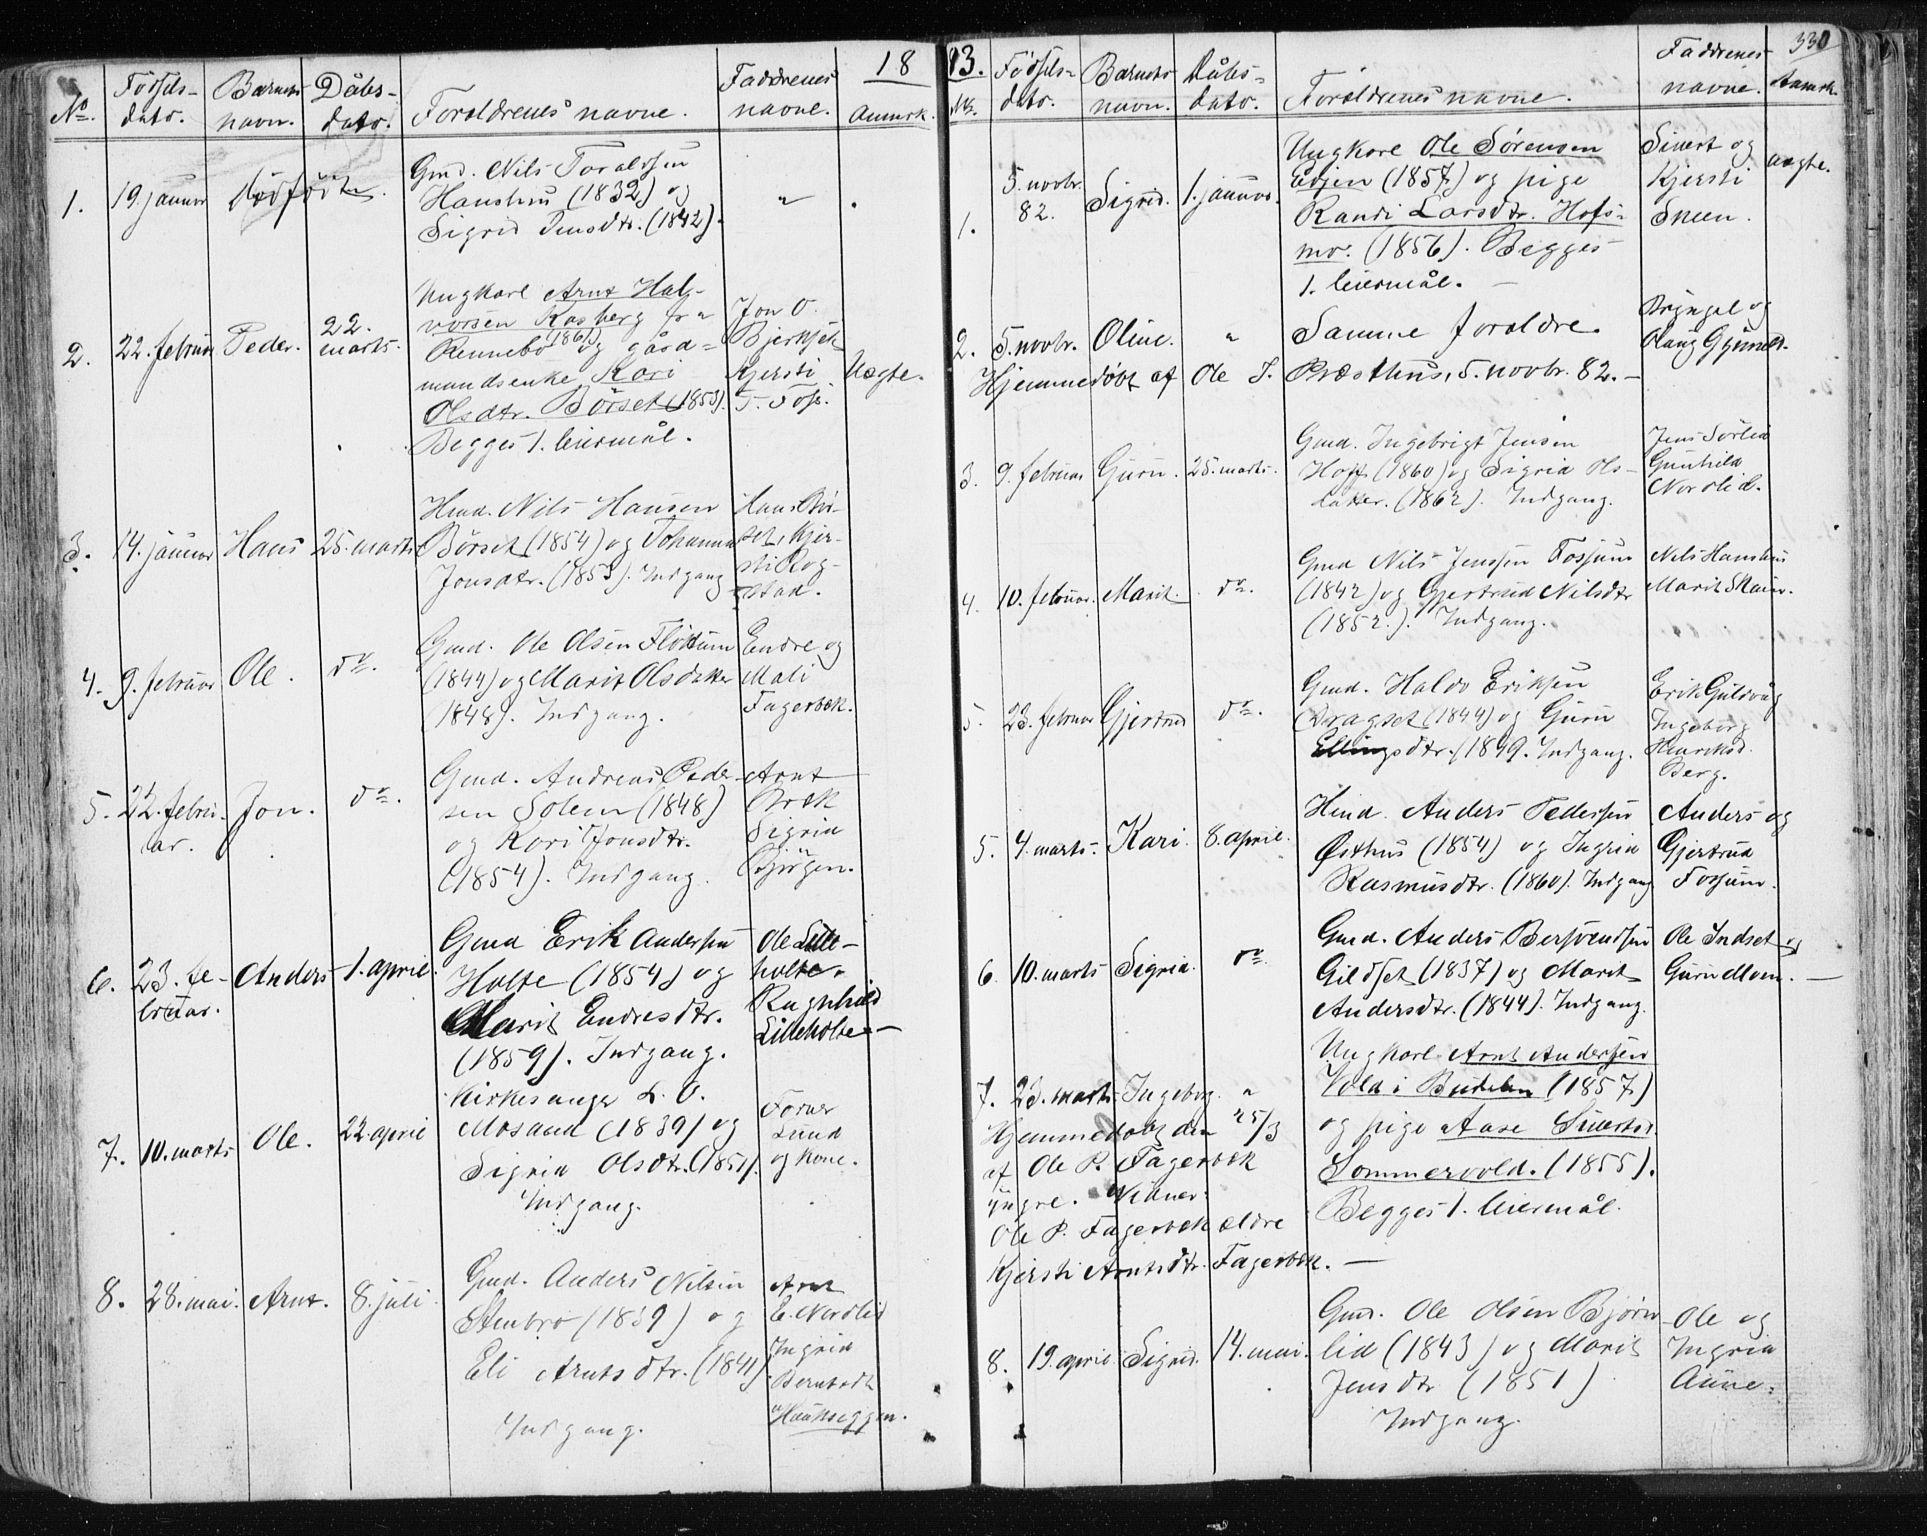 SAT, Ministerialprotokoller, klokkerbøker og fødselsregistre - Sør-Trøndelag, 689/L1043: Klokkerbok nr. 689C02, 1816-1892, s. 330